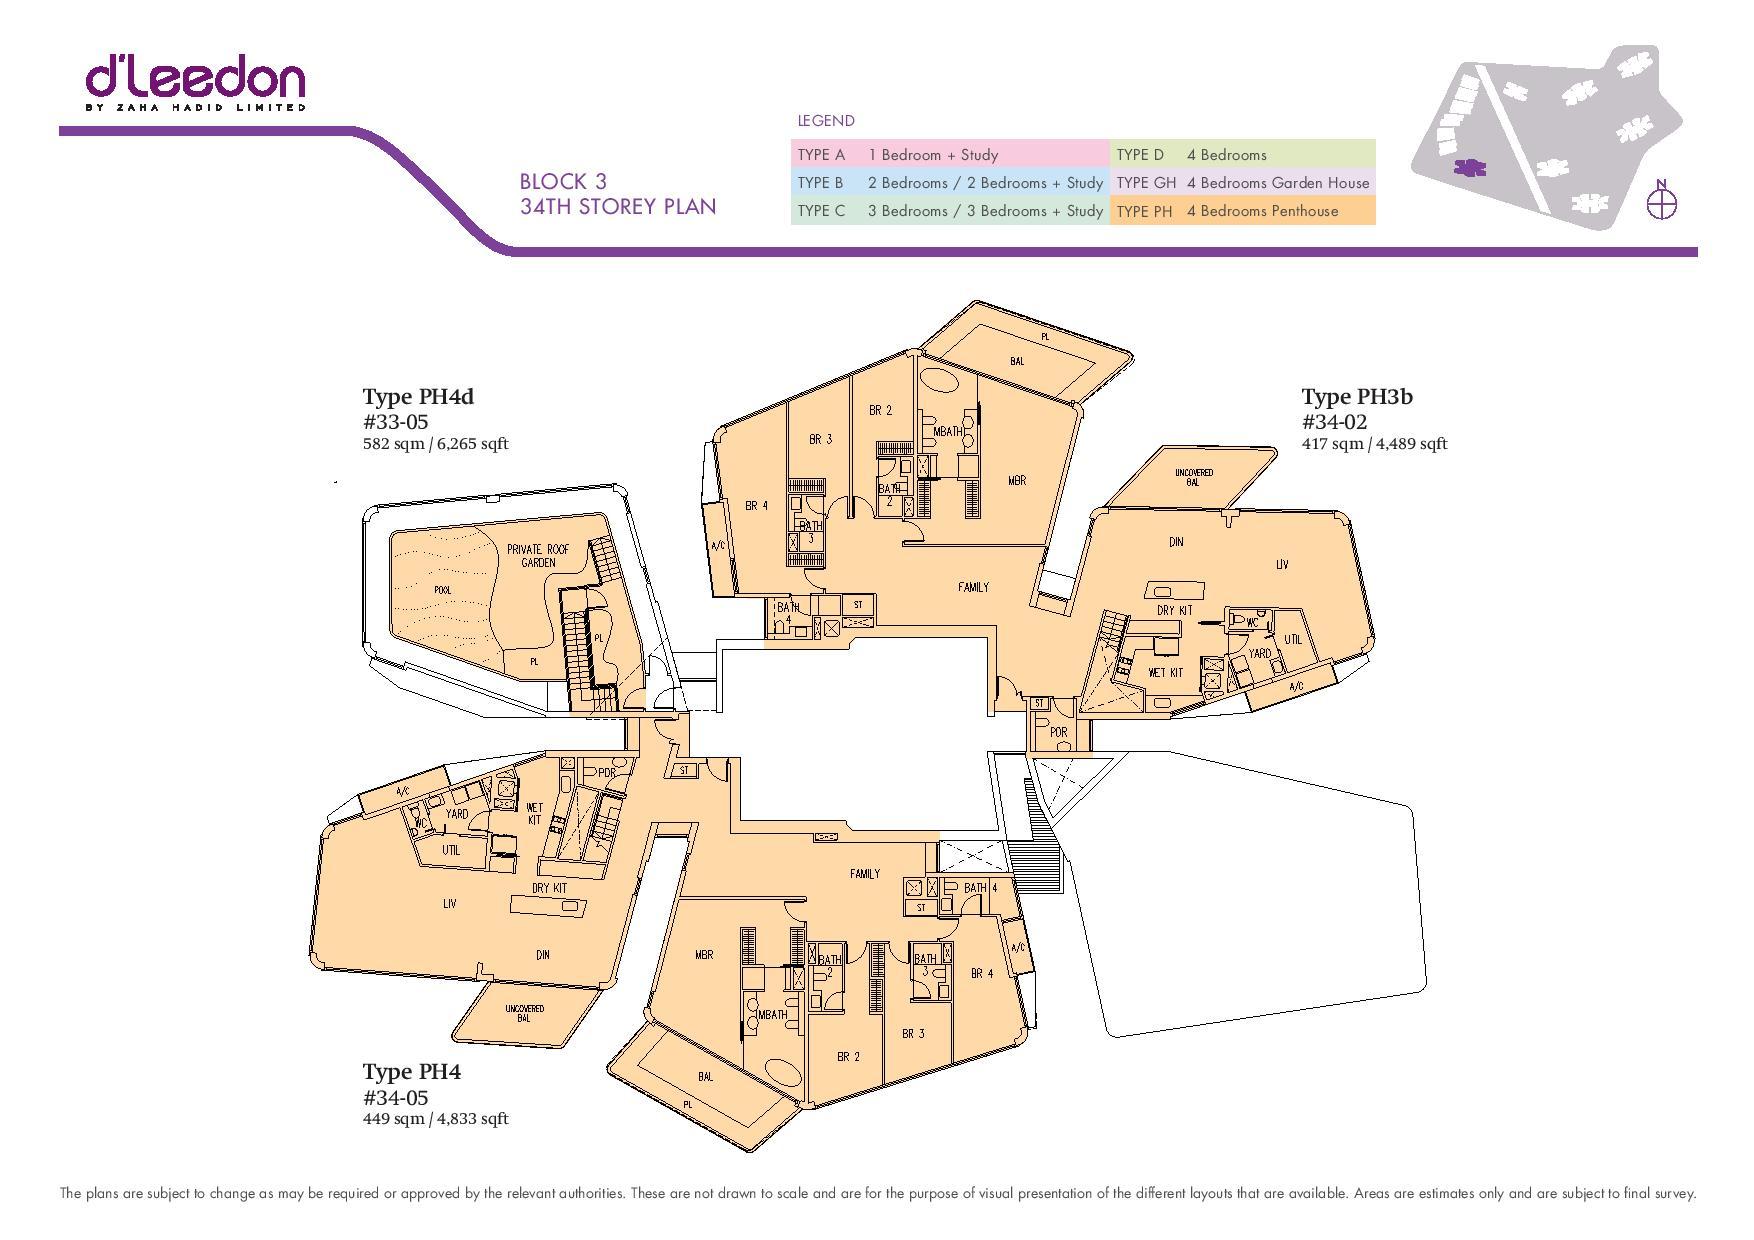 D'Leedon Block 34th Storey Floor Plans